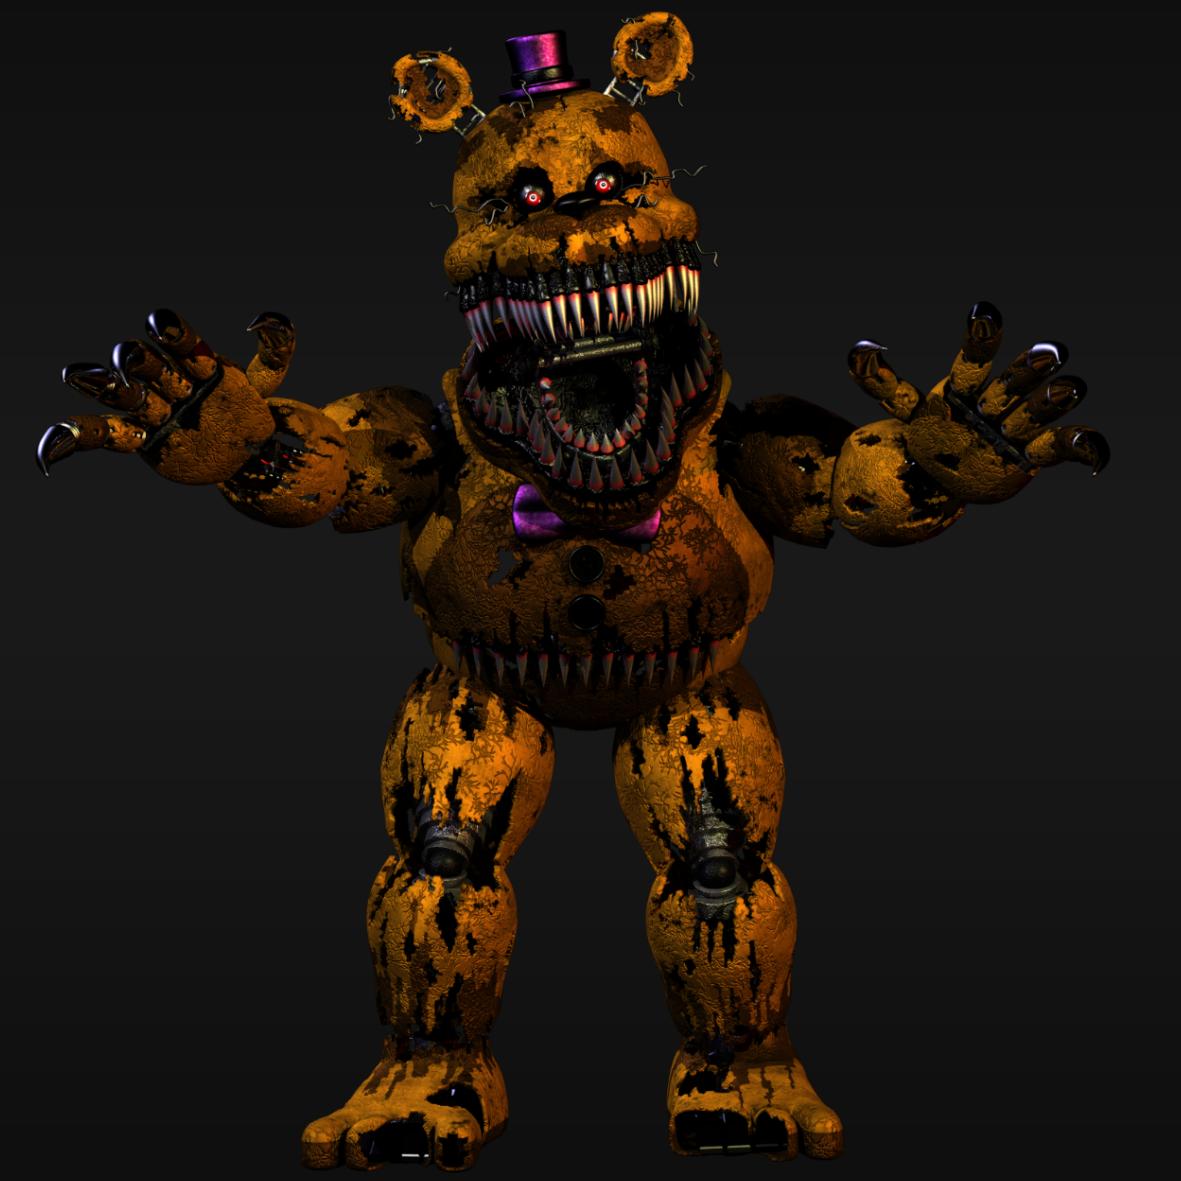 Nightmare_fredbear_render_number_2.png